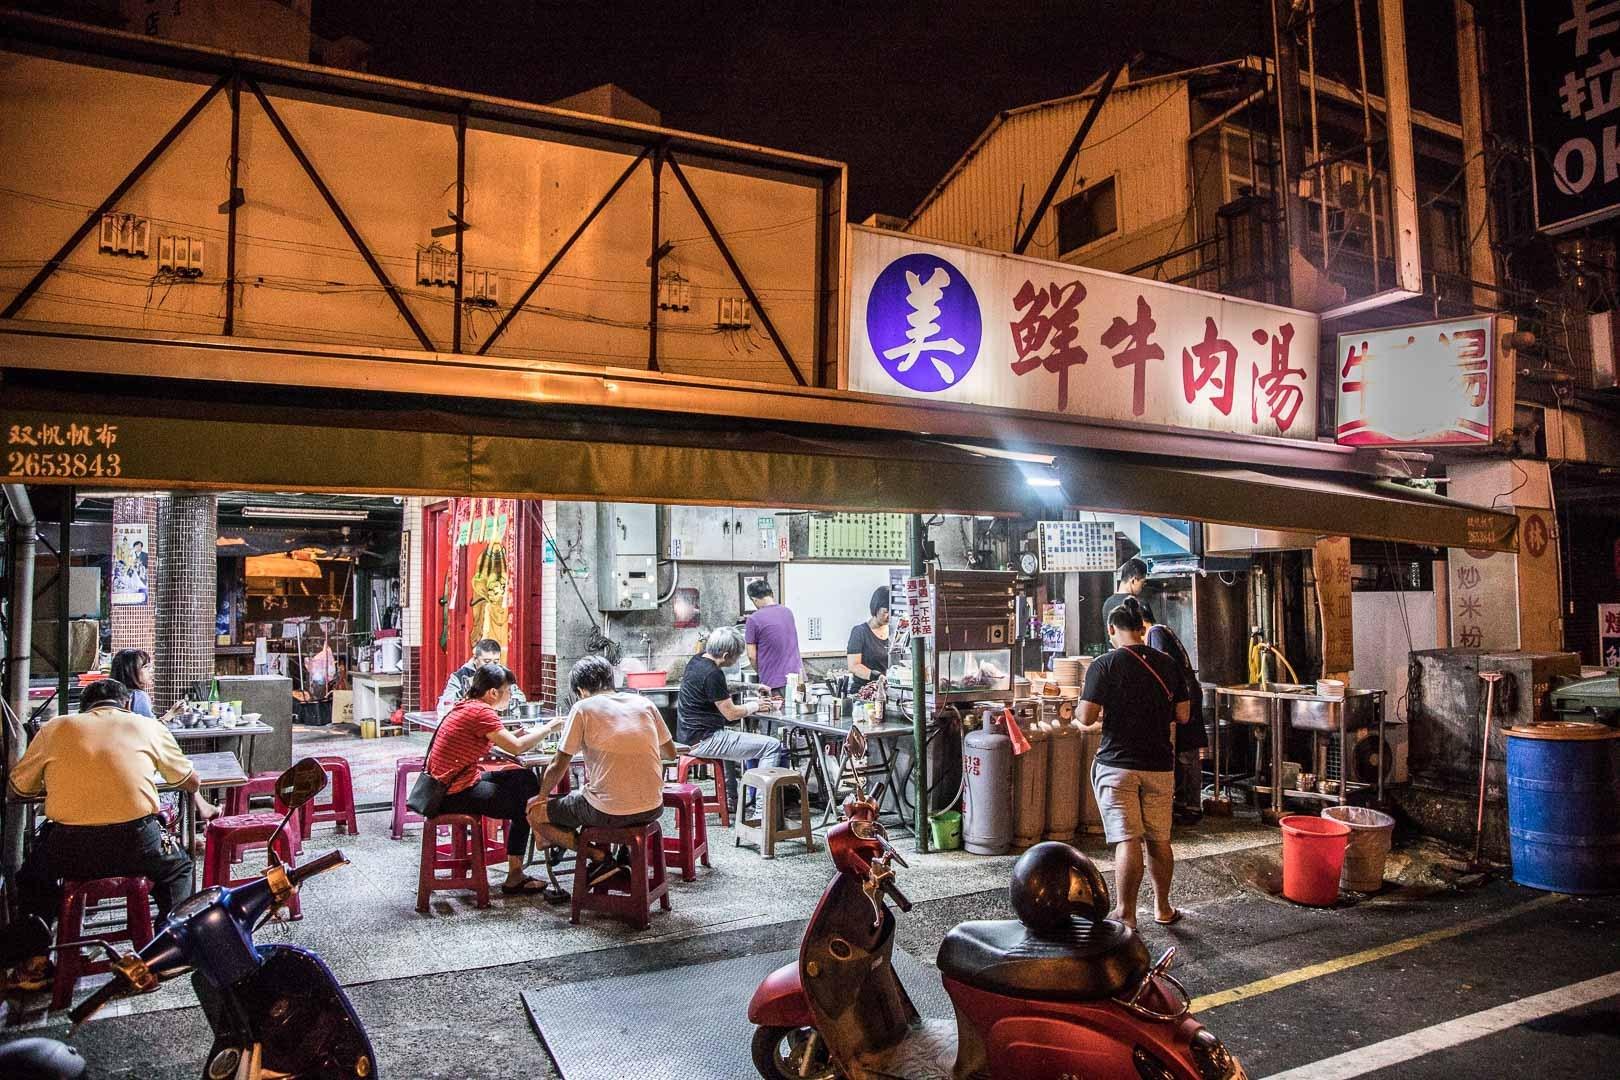 [台南美食]台南牛肉湯推薦,現切現沖溫體牛,24小時營業的美味牛肉湯!美鮮牛肉湯